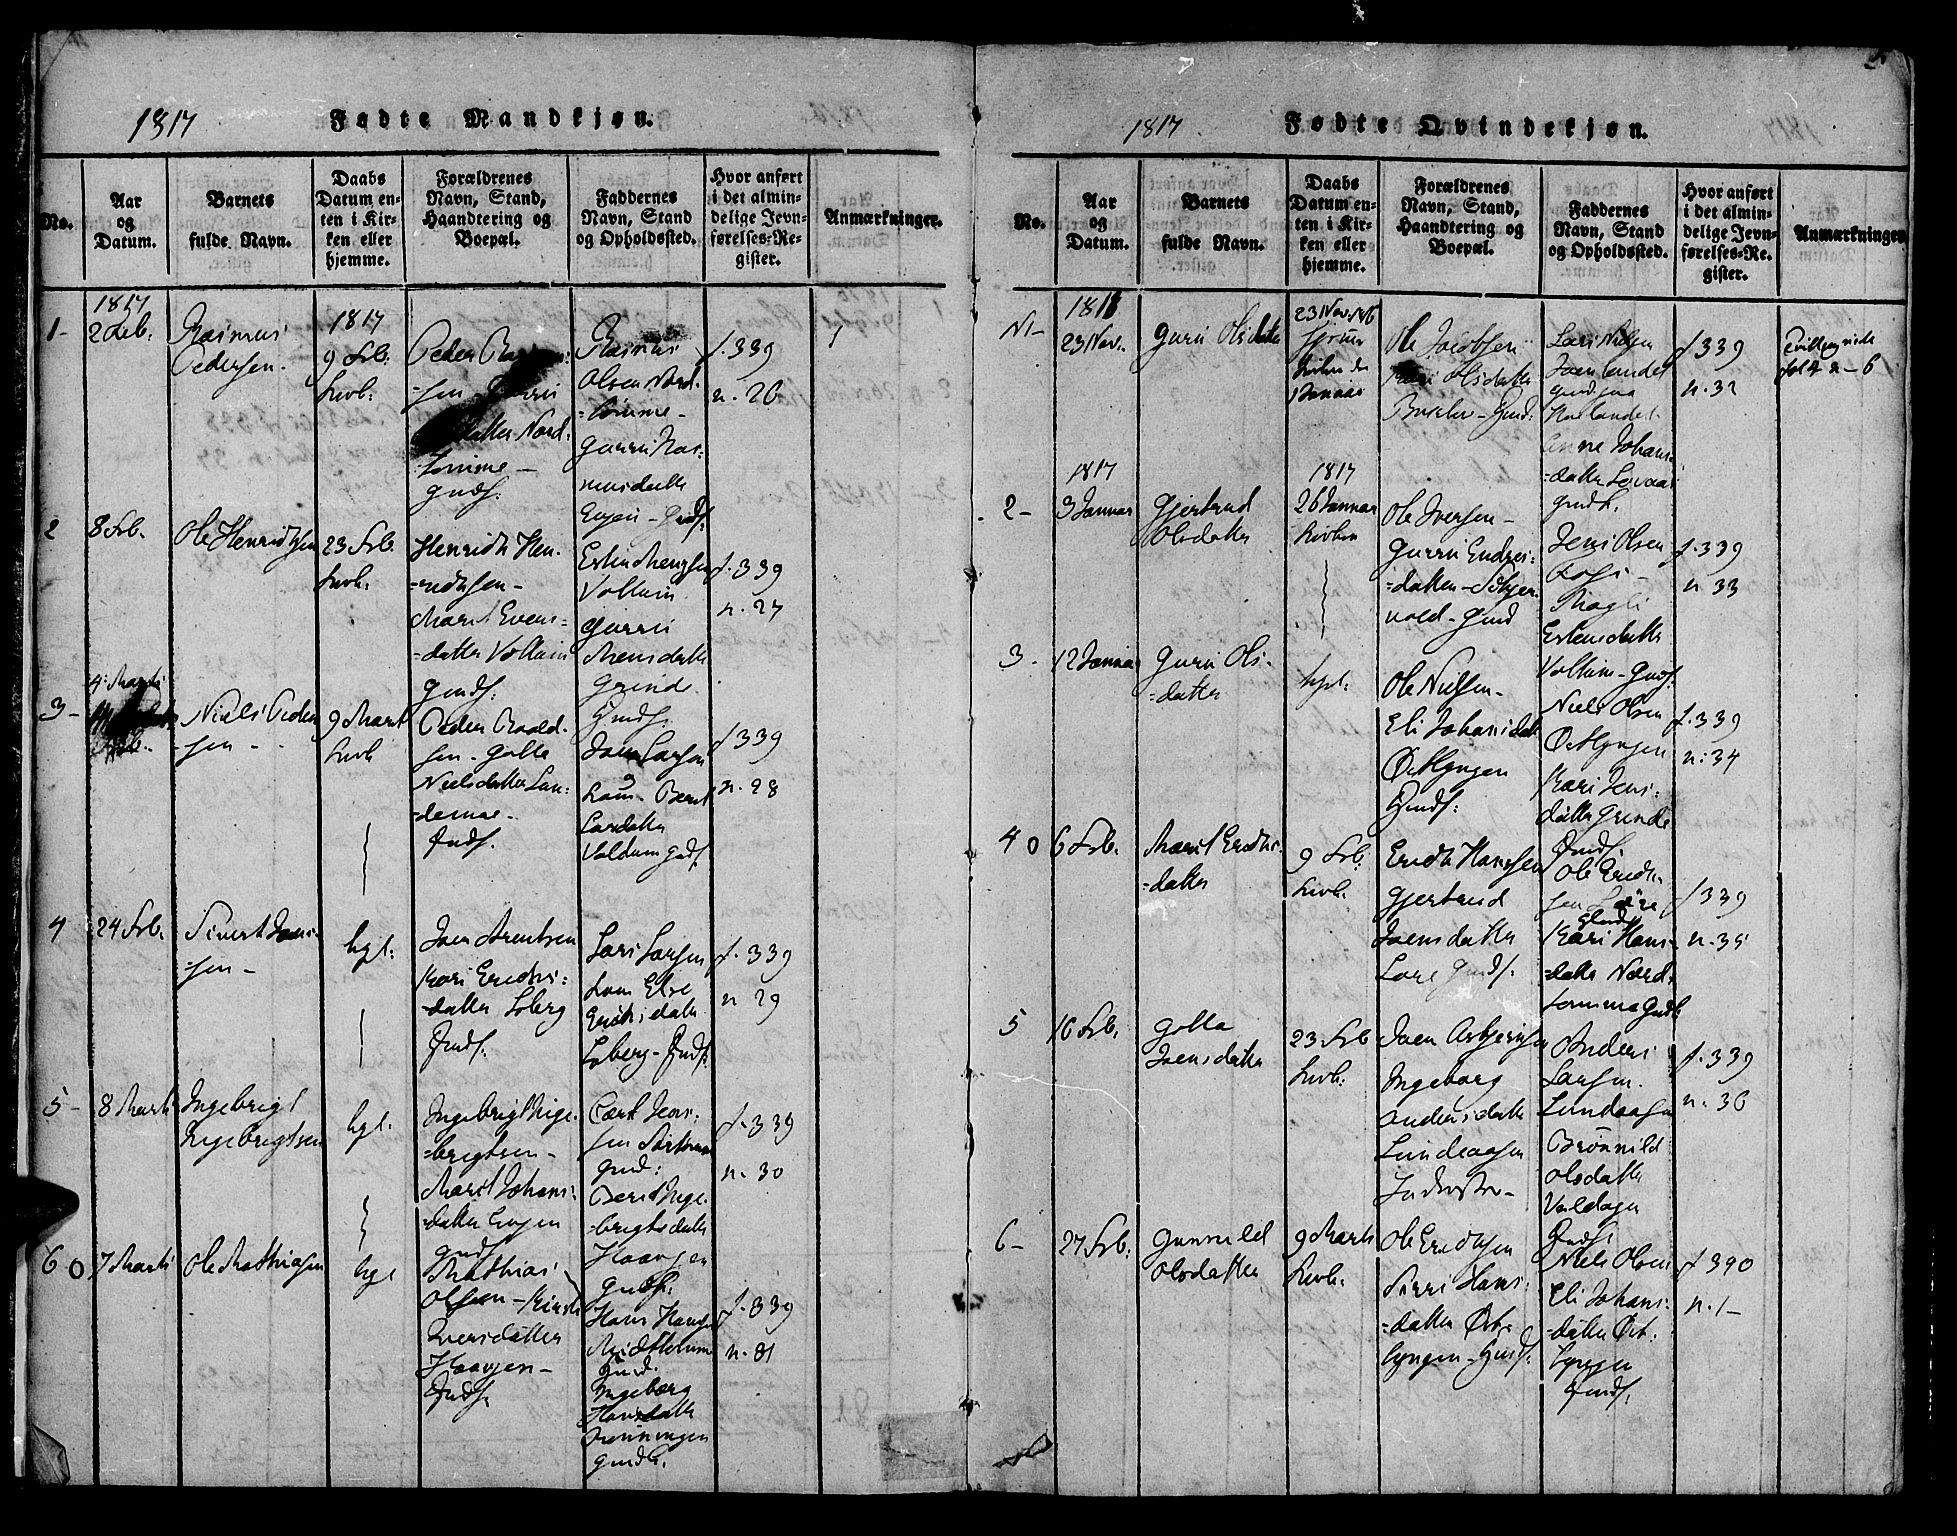 SAT, Ministerialprotokoller, klokkerbøker og fødselsregistre - Sør-Trøndelag, 692/L1102: Ministerialbok nr. 692A02, 1816-1842, s. 5